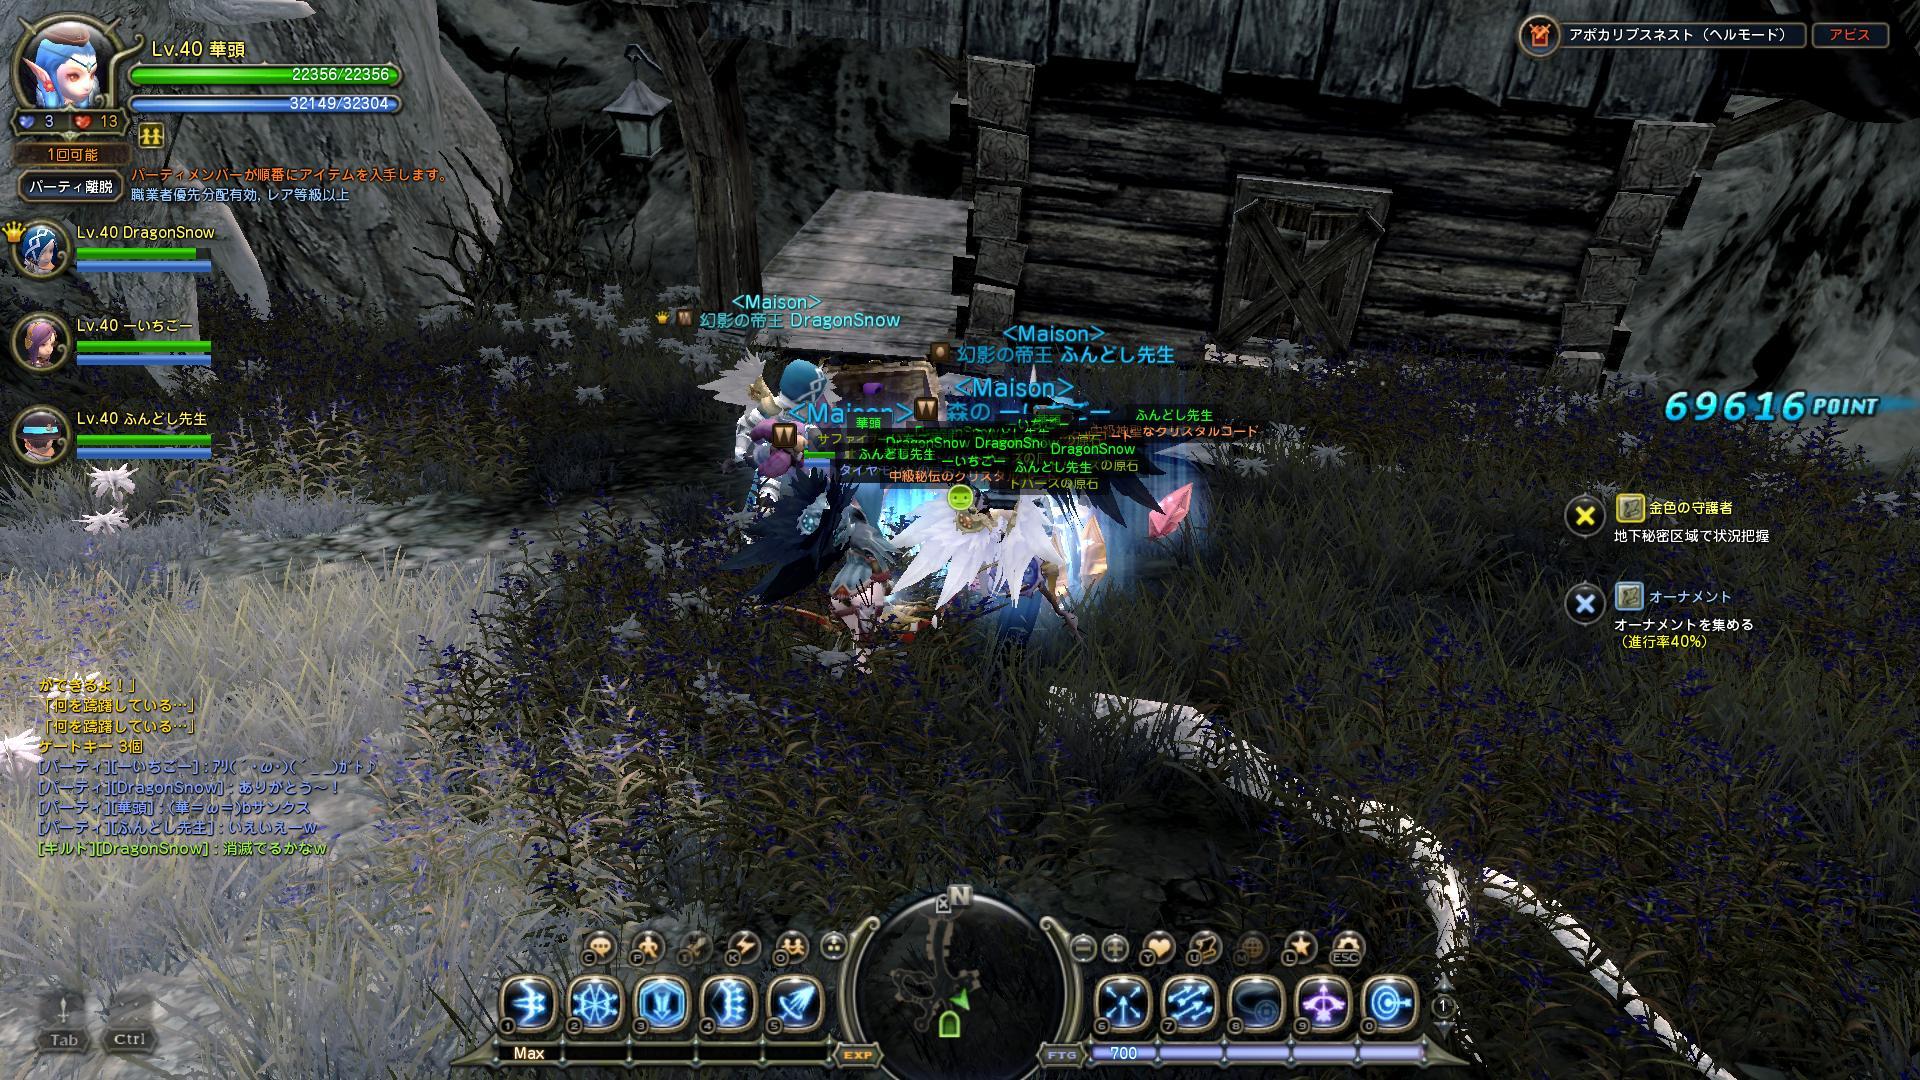 DN 2010-12-28 08-29-15 Tue